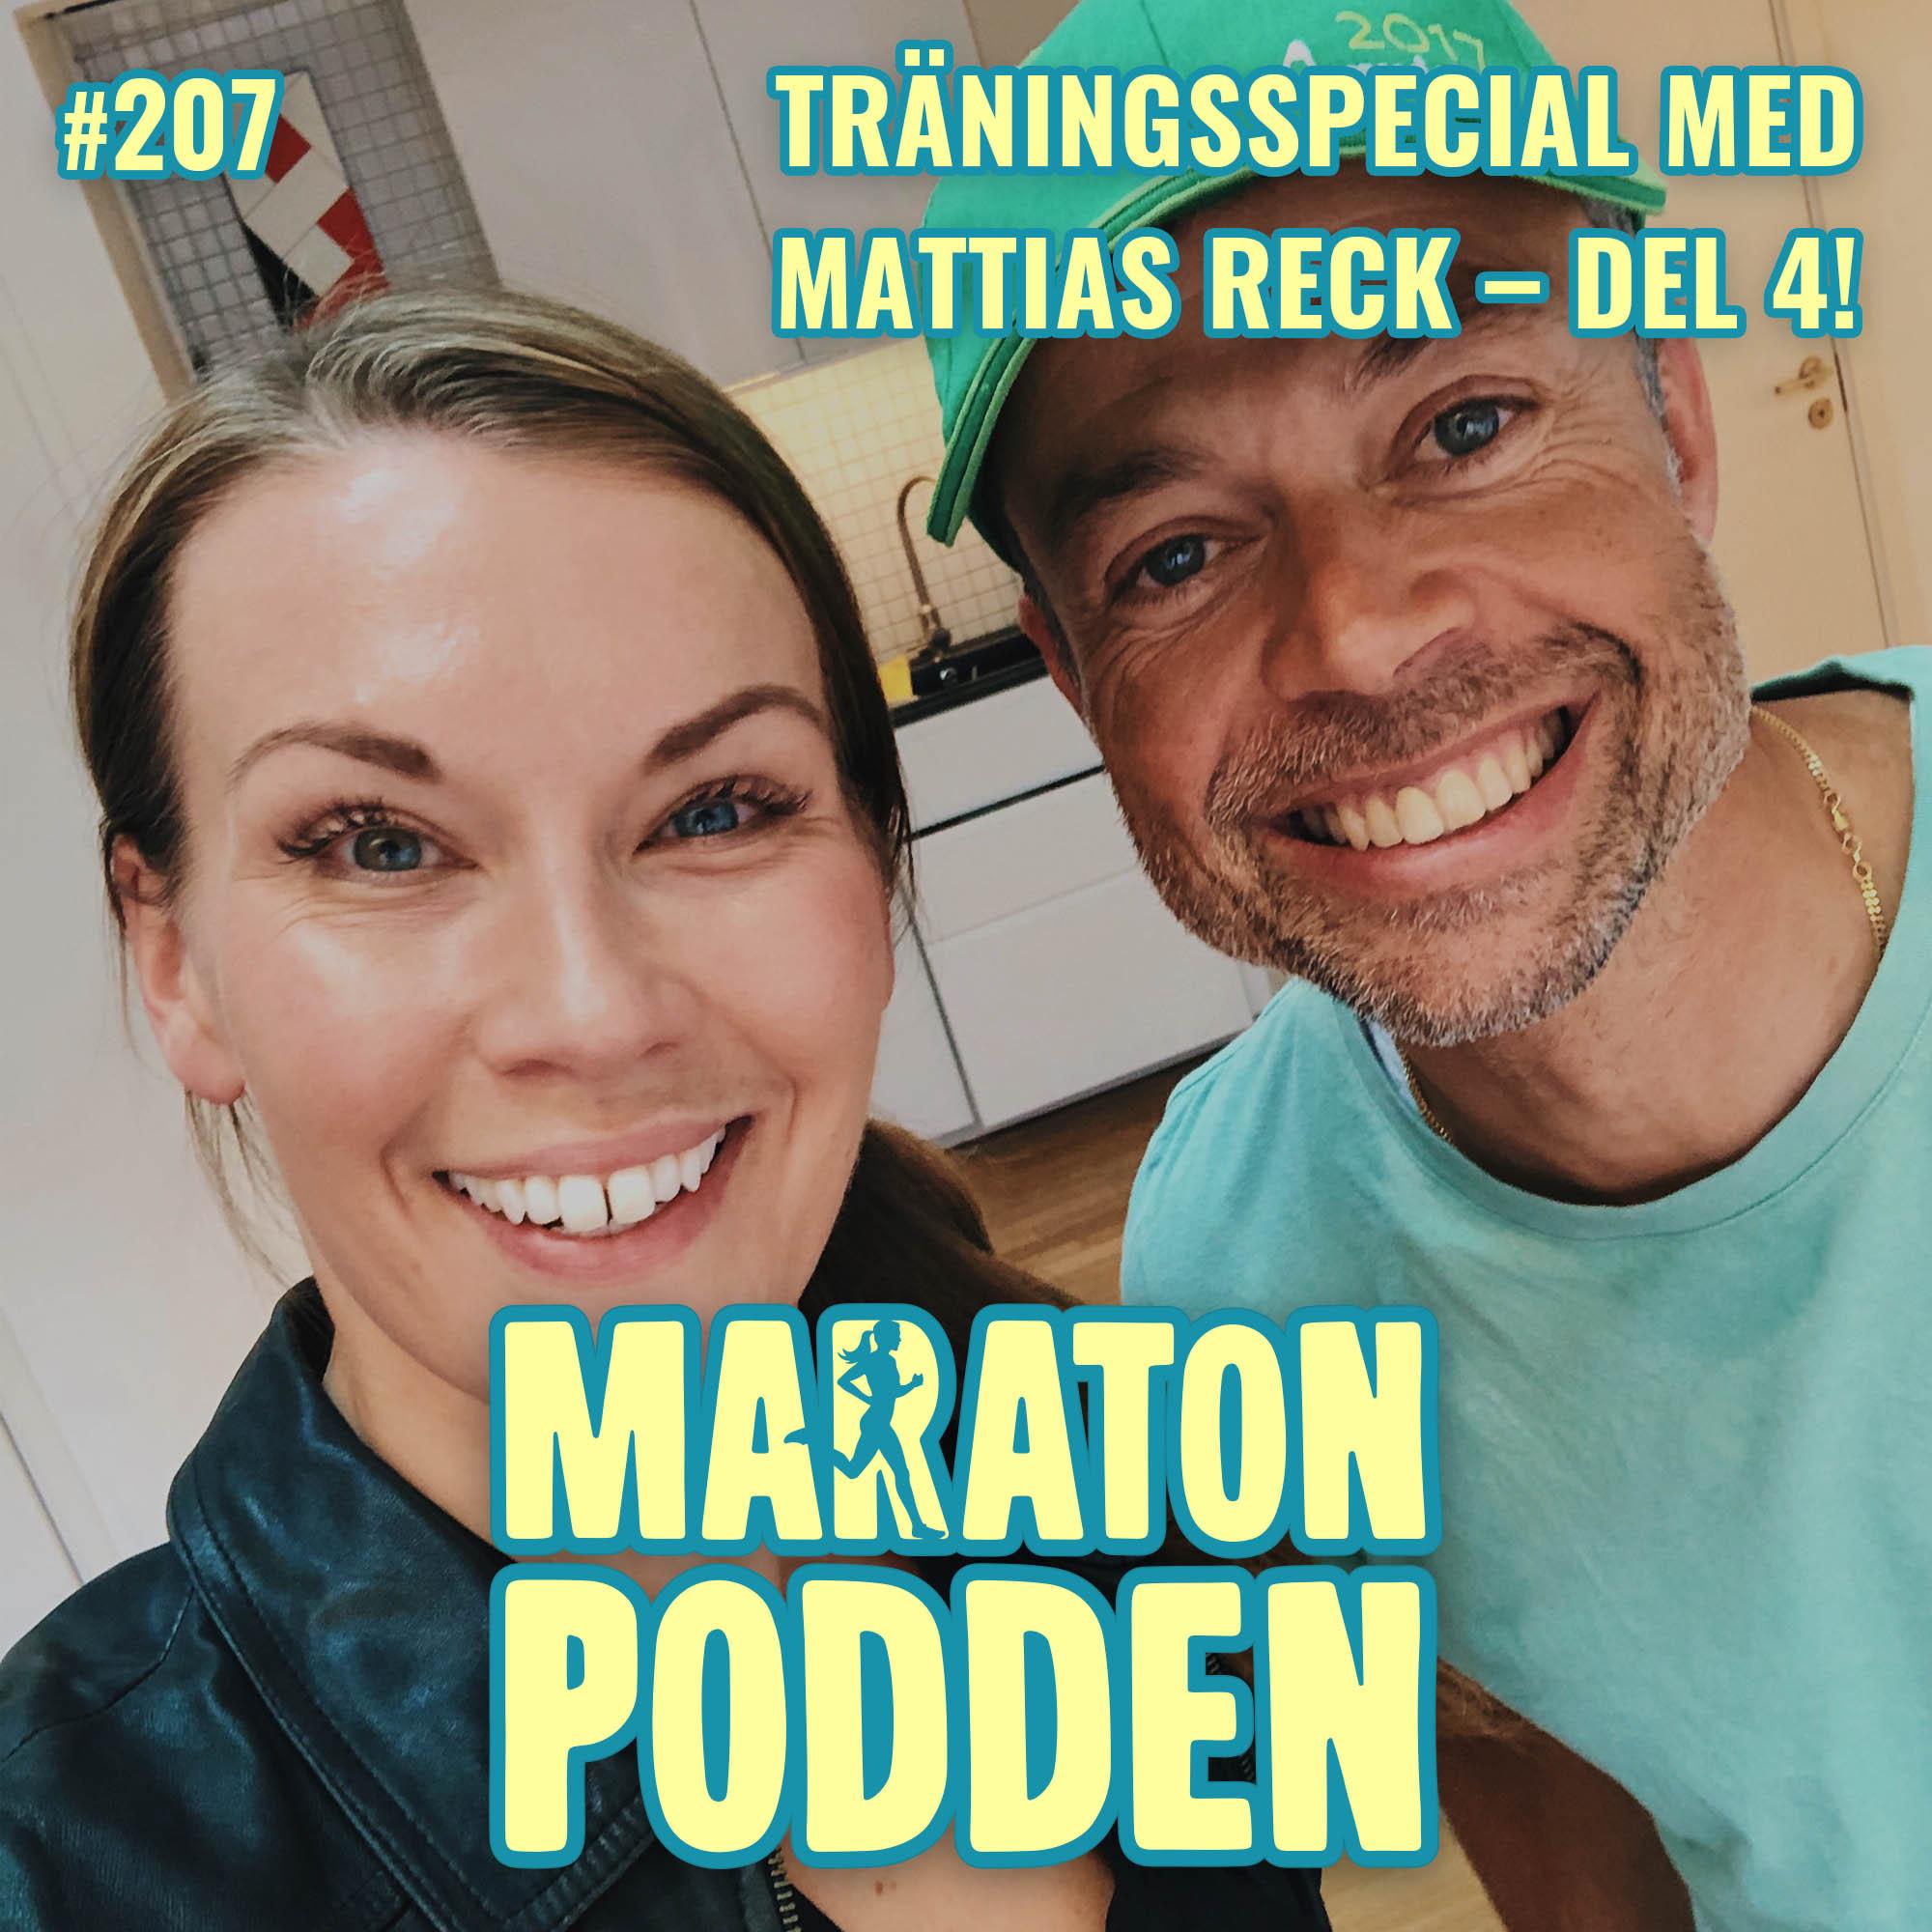 #207: Träningsspecial med Mattias Reck – sista delen!